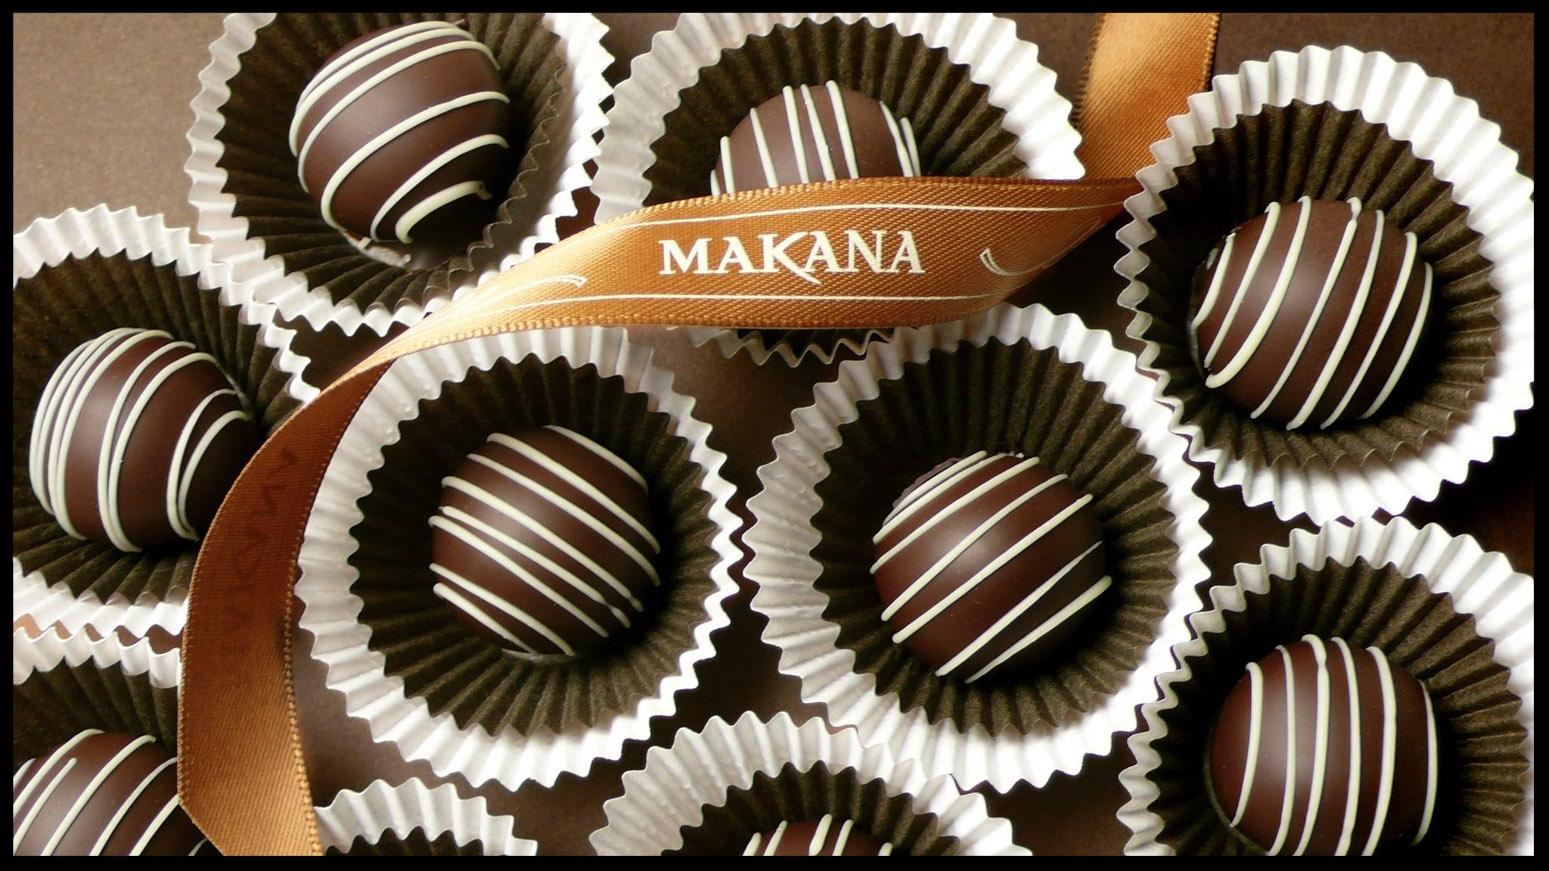 Makana-chocolate-factory-hand-made-chocolates-Kerikeri-Blenheim-15.jpg